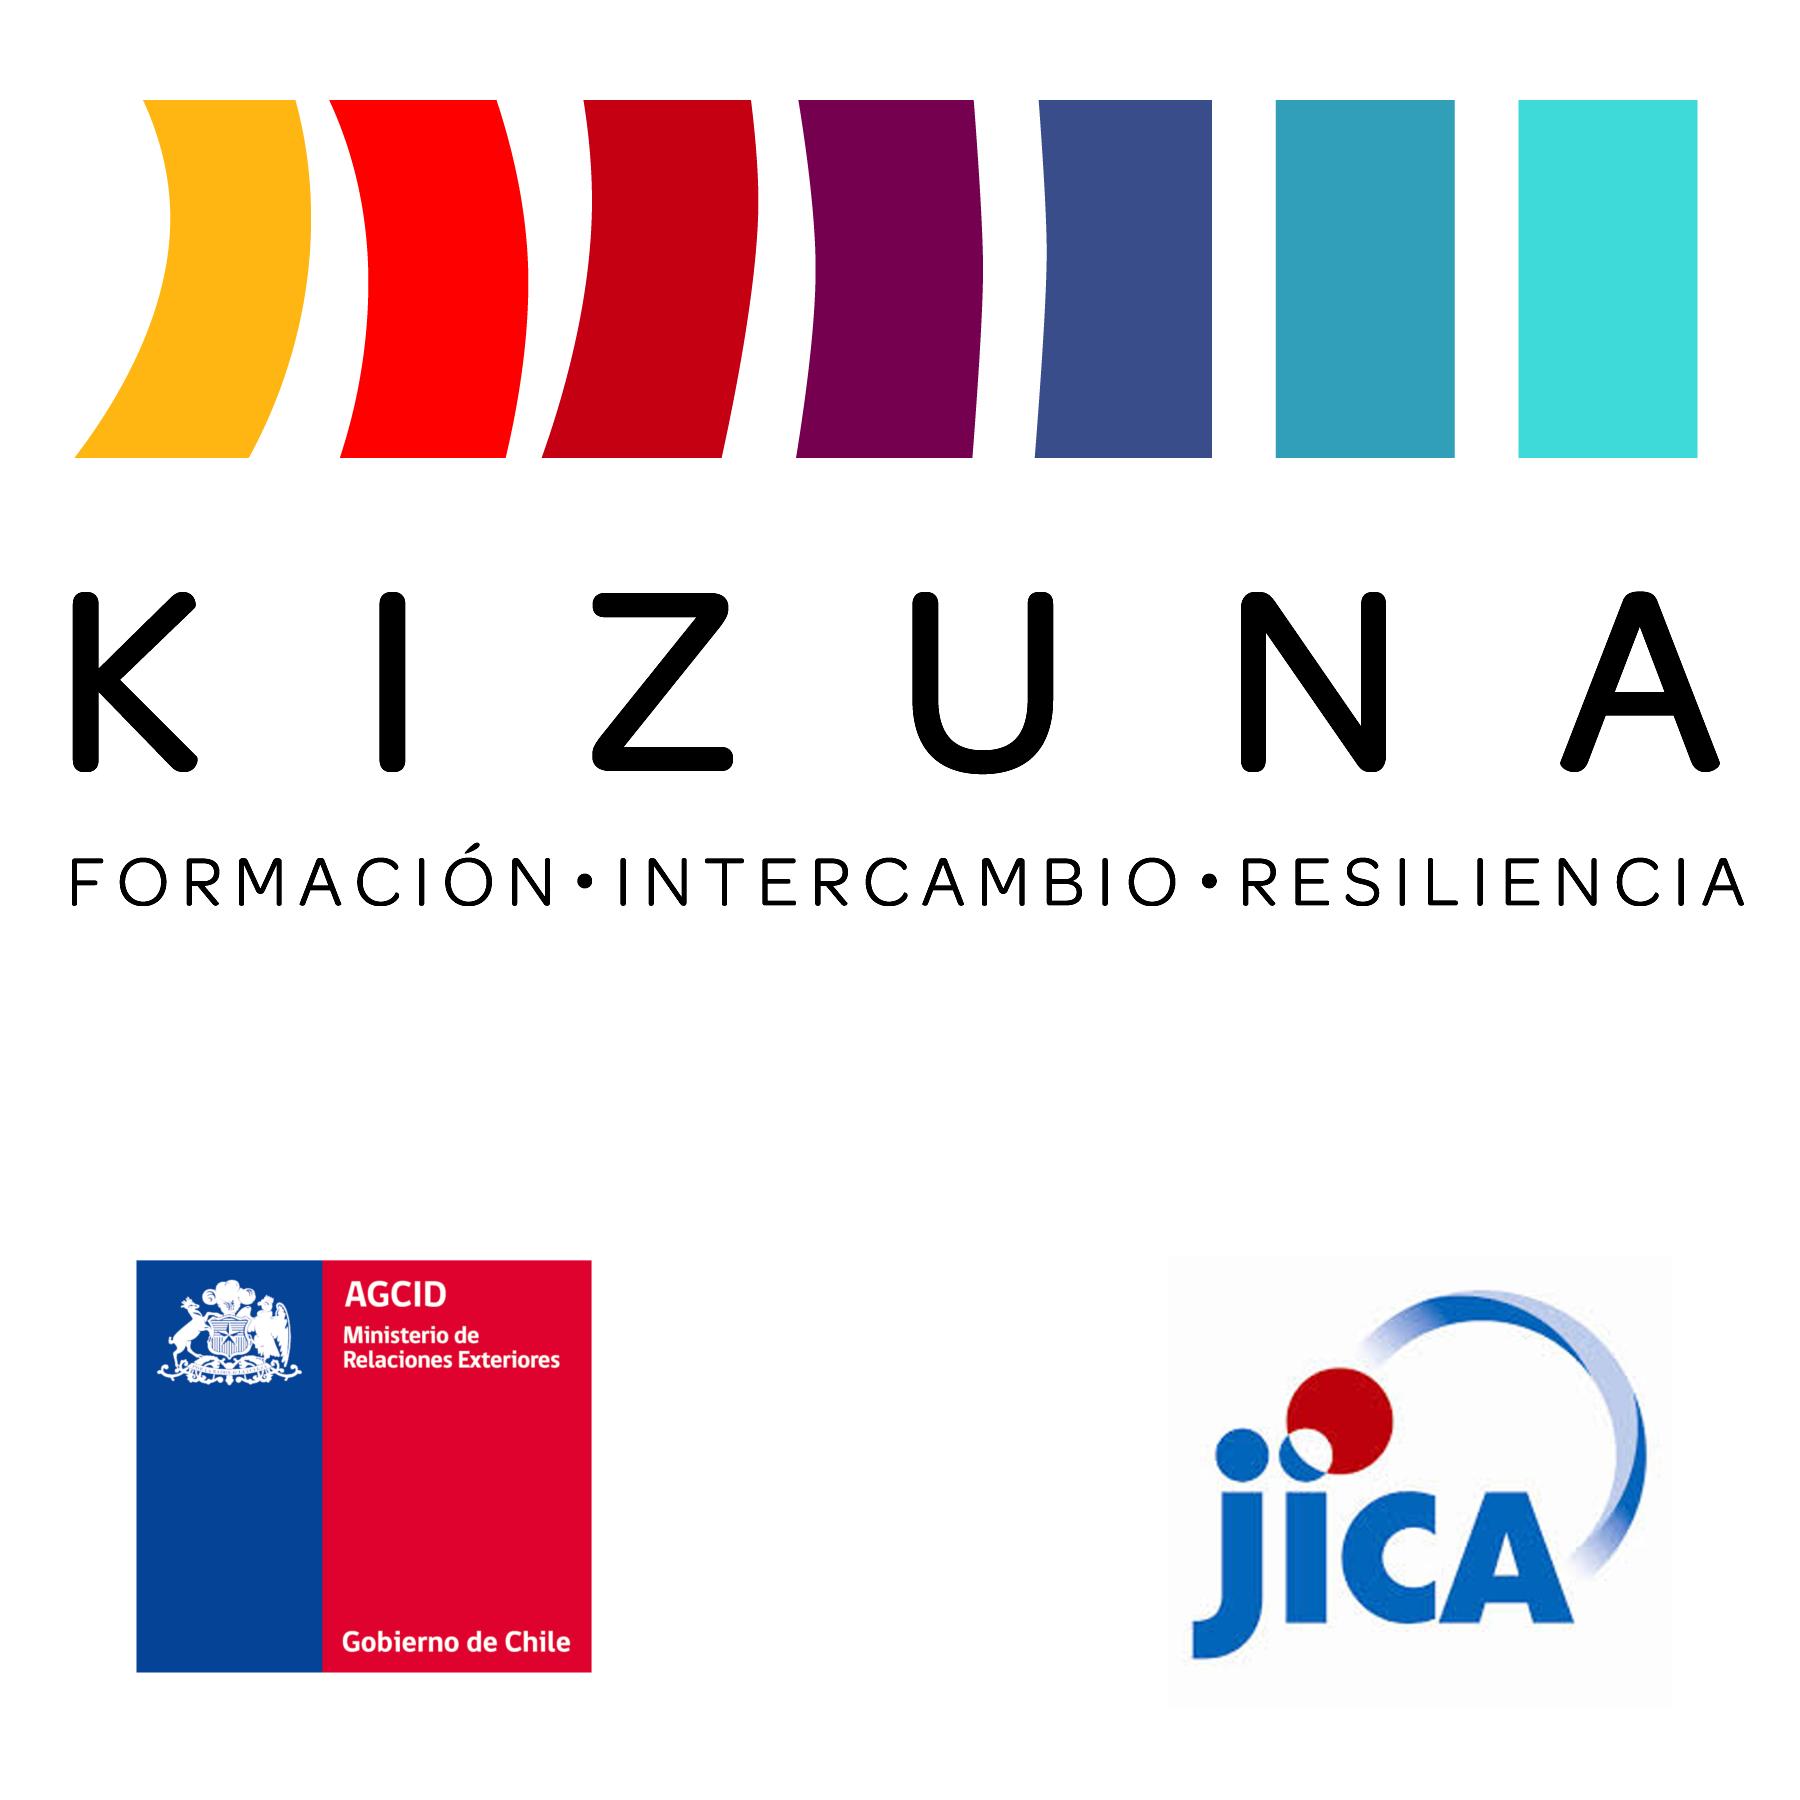 Beca Kizuna para Maestría en Ingeniería Estructural y Geotécnica en la Pontificia U. Católica de Chile 2019-2020